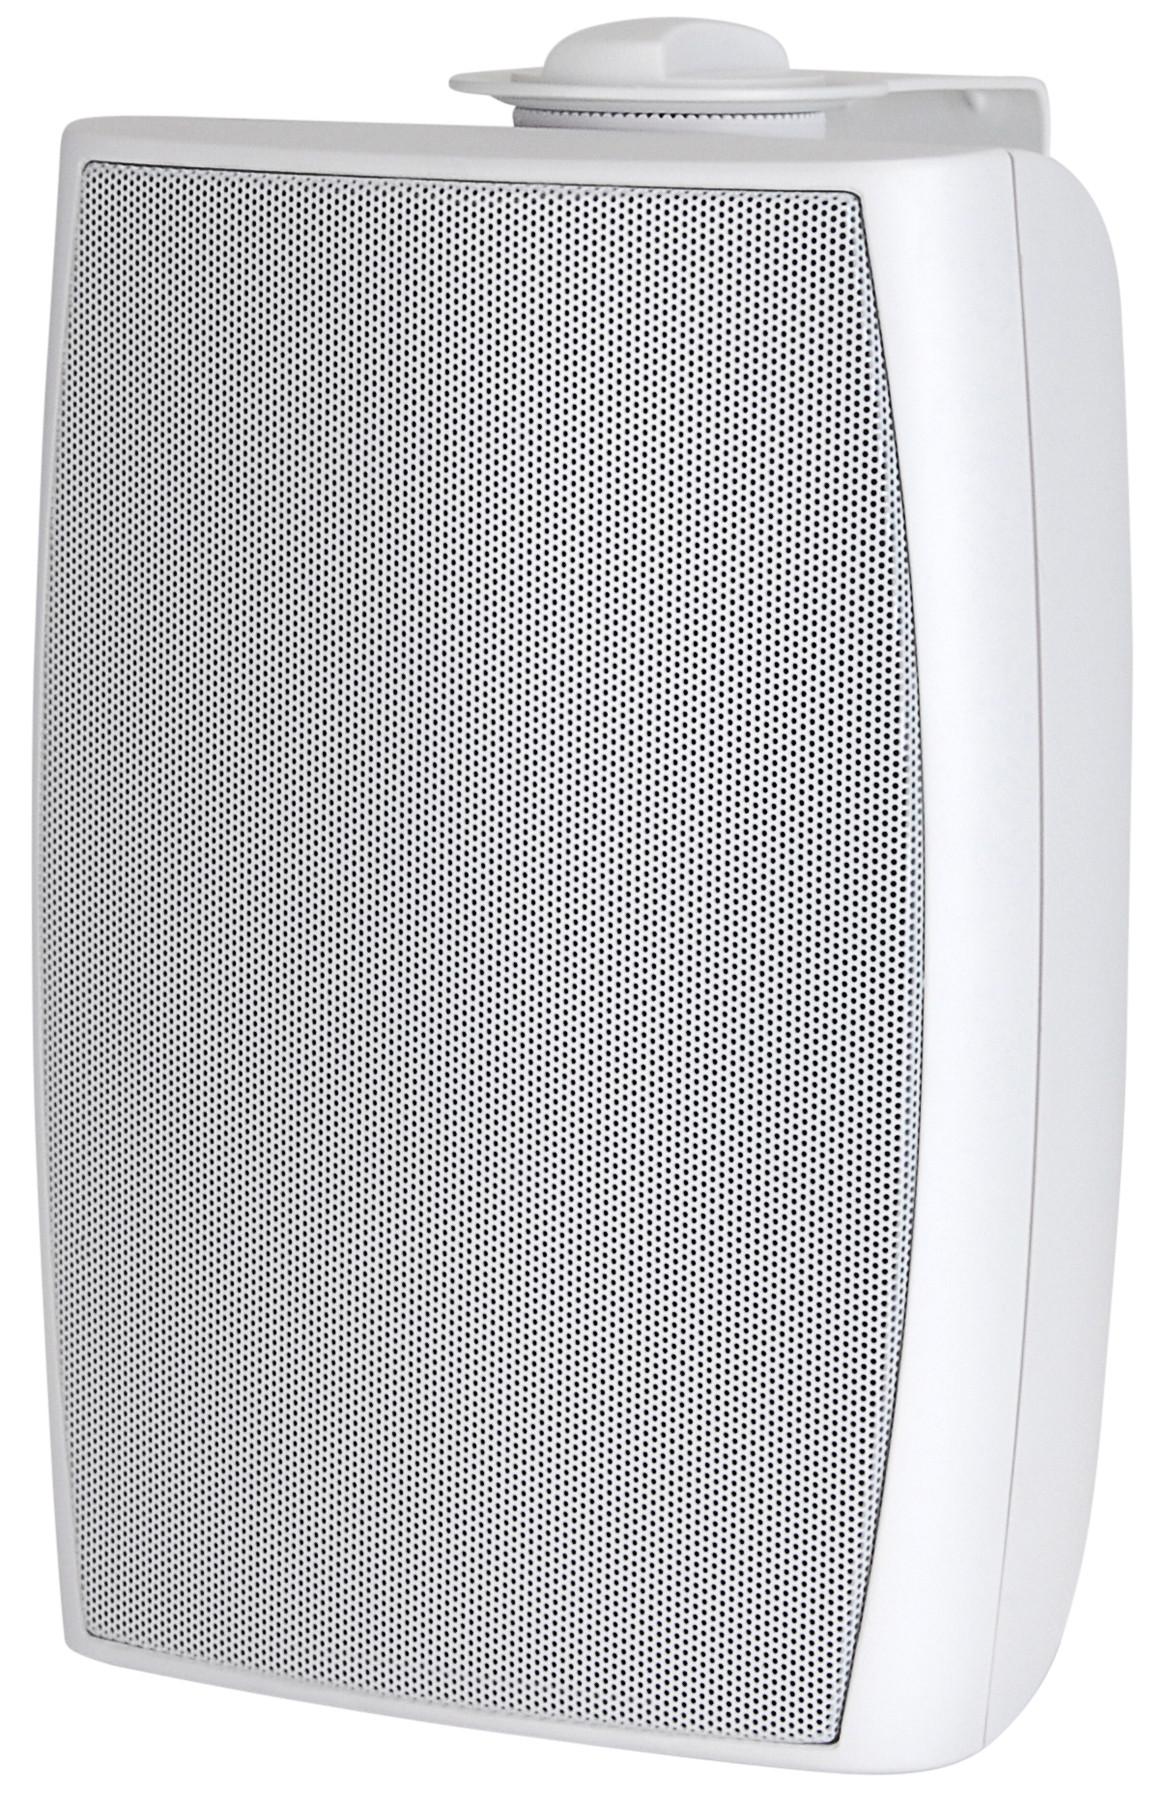 Quam 70V/ 8-Ohm In Wall Speaker White (Qty 2)